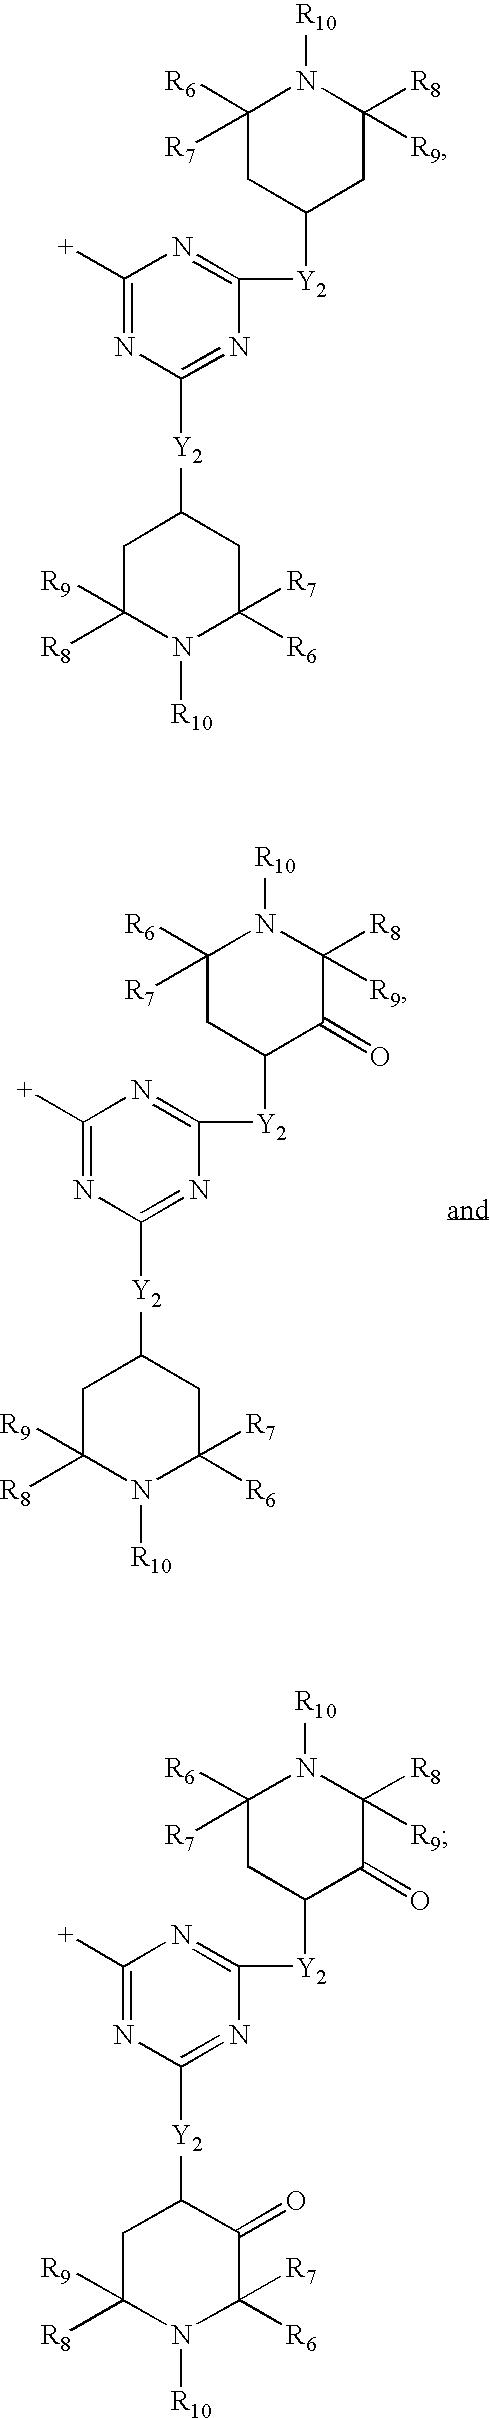 Figure US20050288400A1-20051229-C00042